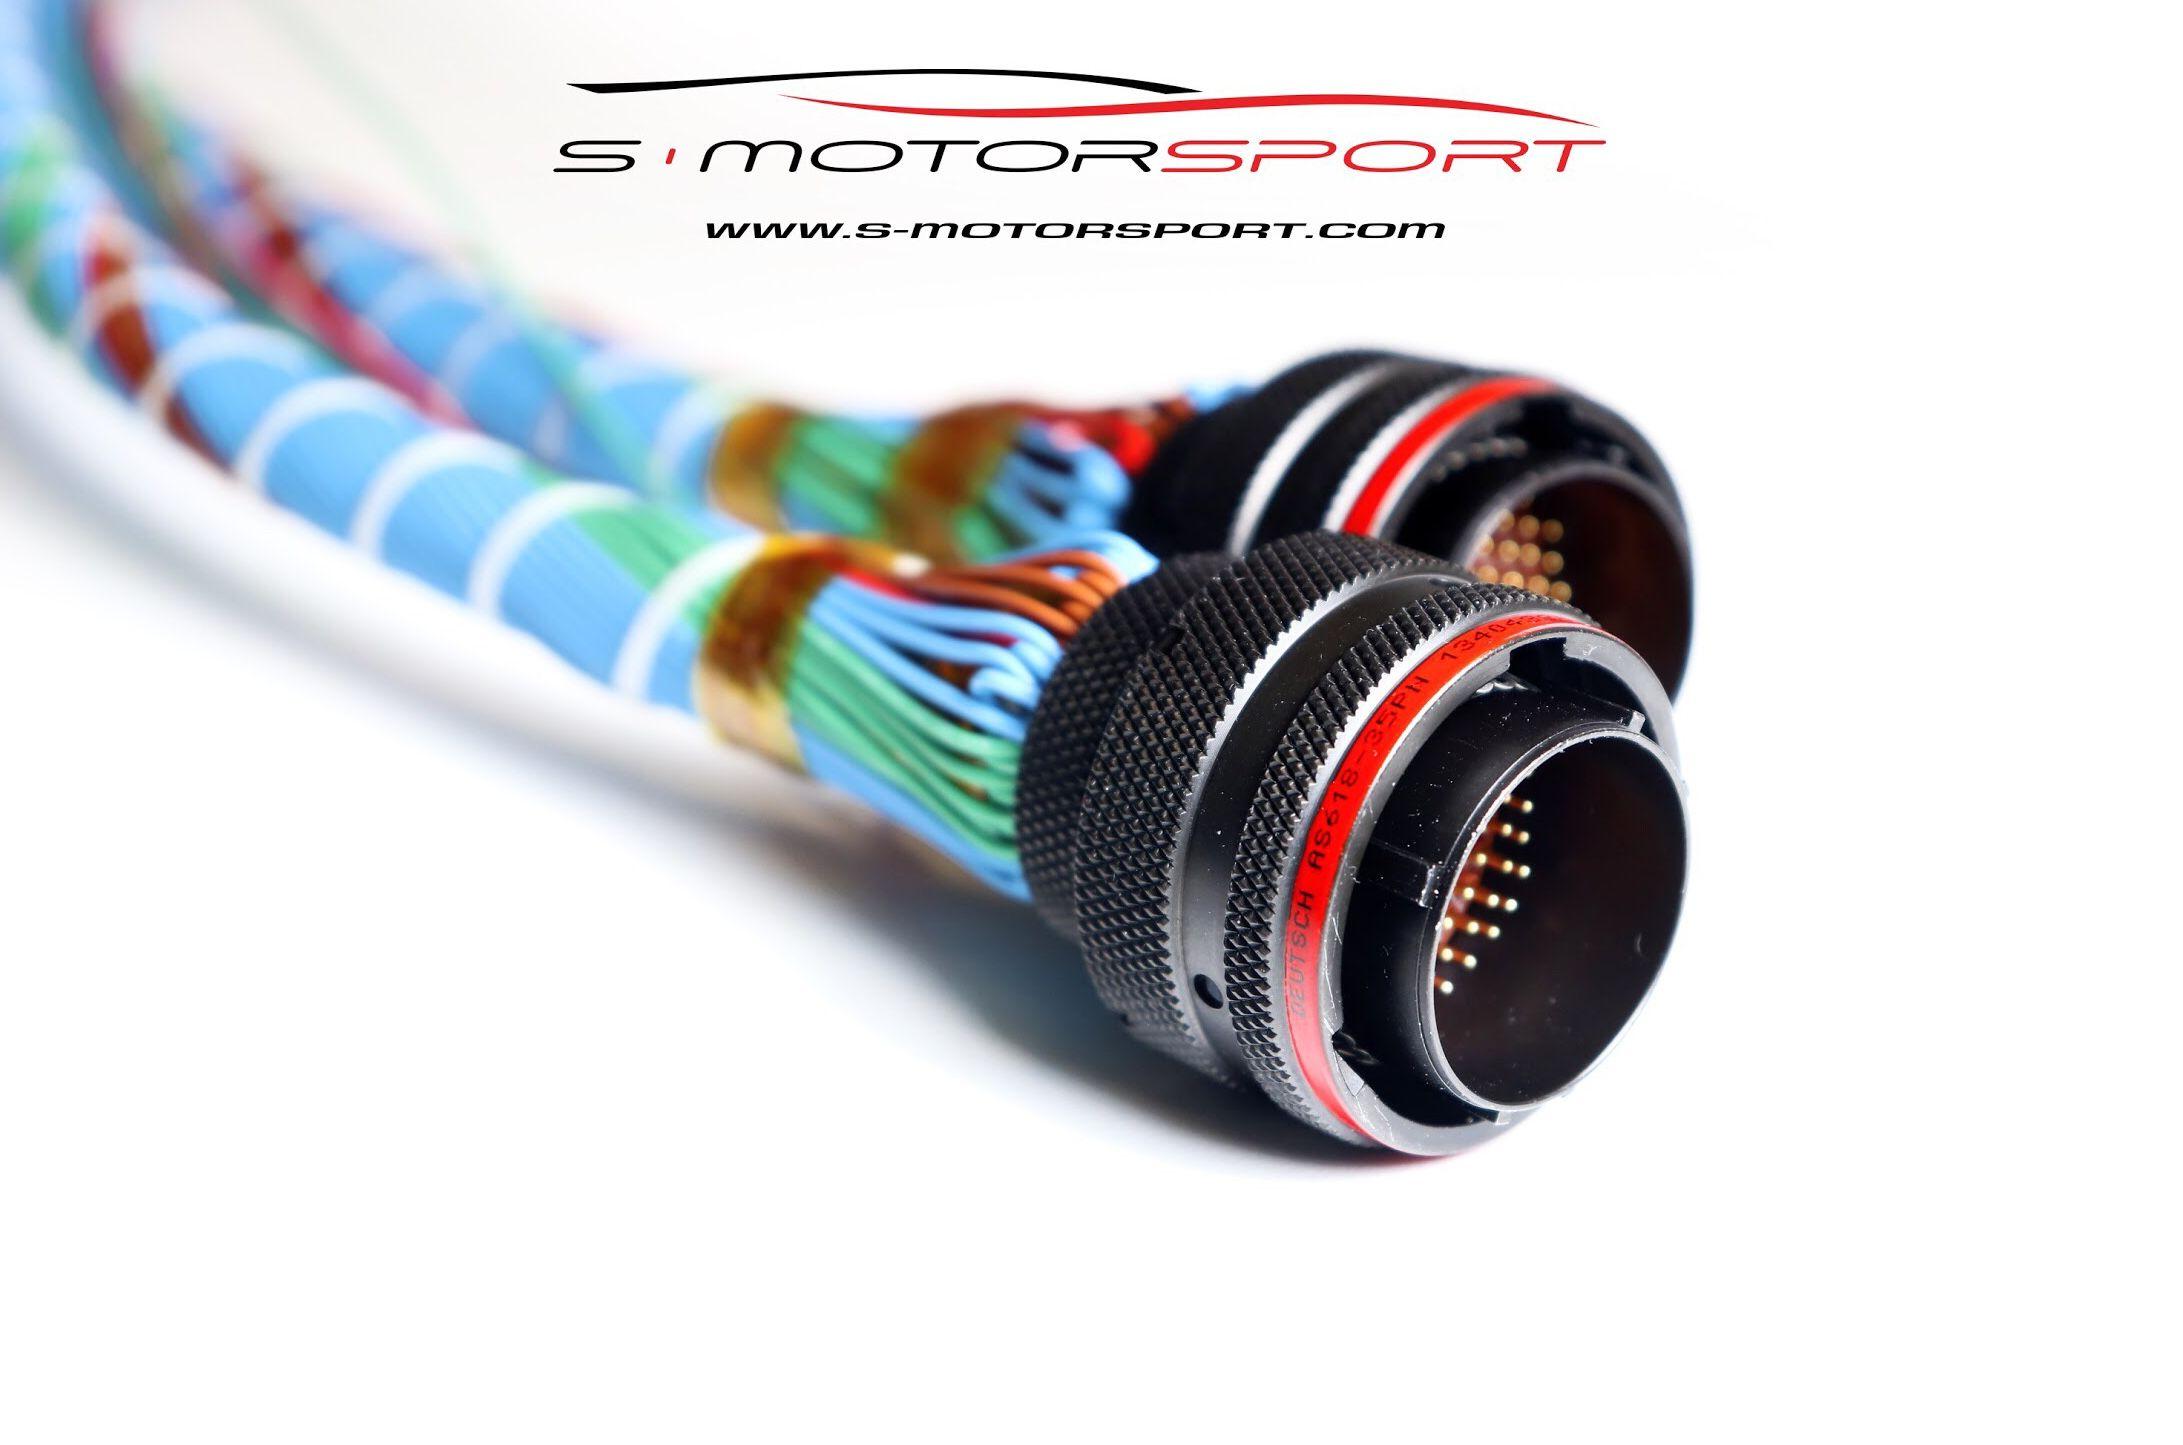 Budushaya Motornaya Provodka Dvigatelya 4g63 Na Deutsch As Series As618 35pn Oborudovanie Link Fury Motec Pdm30 Motec C127 Mo Ford Sierra Mazda Mx5 Motorsport